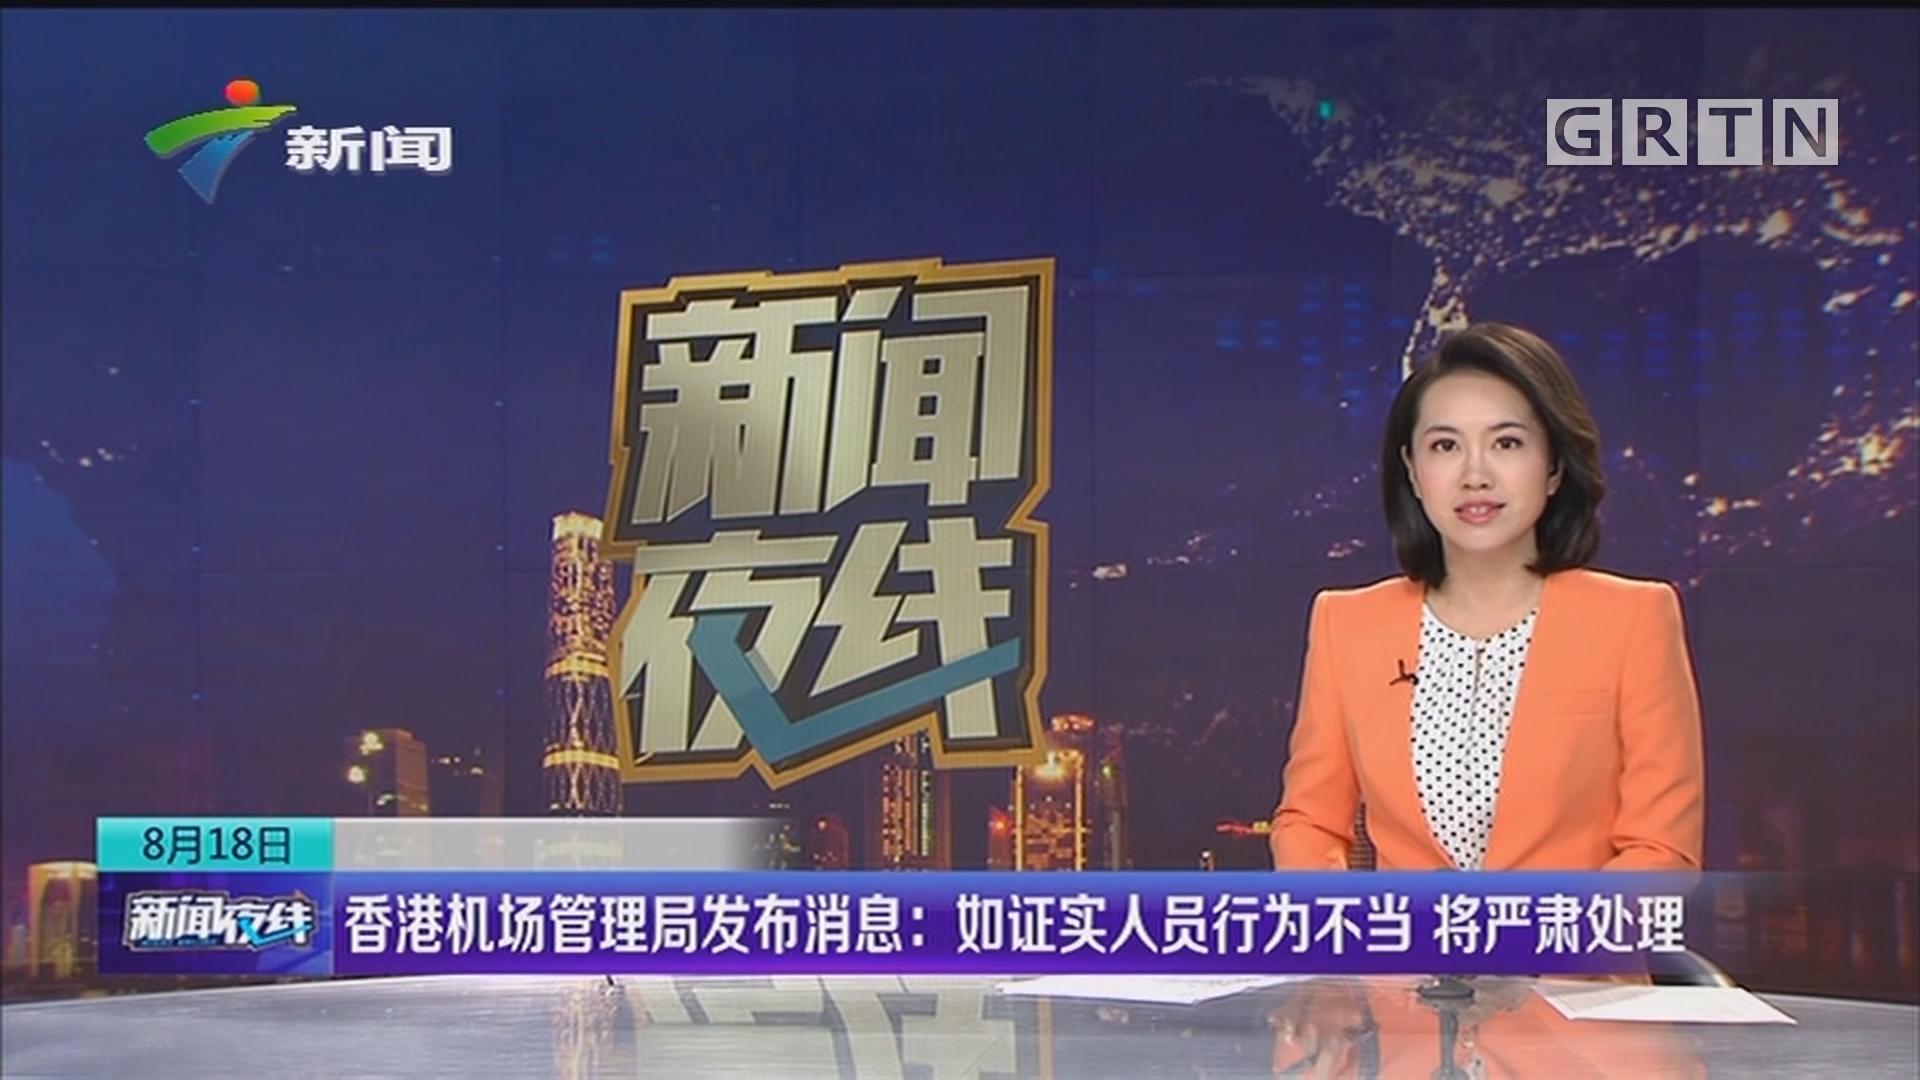 香港机场管理局发布消息:如证实人员行为不当 将严肃处理